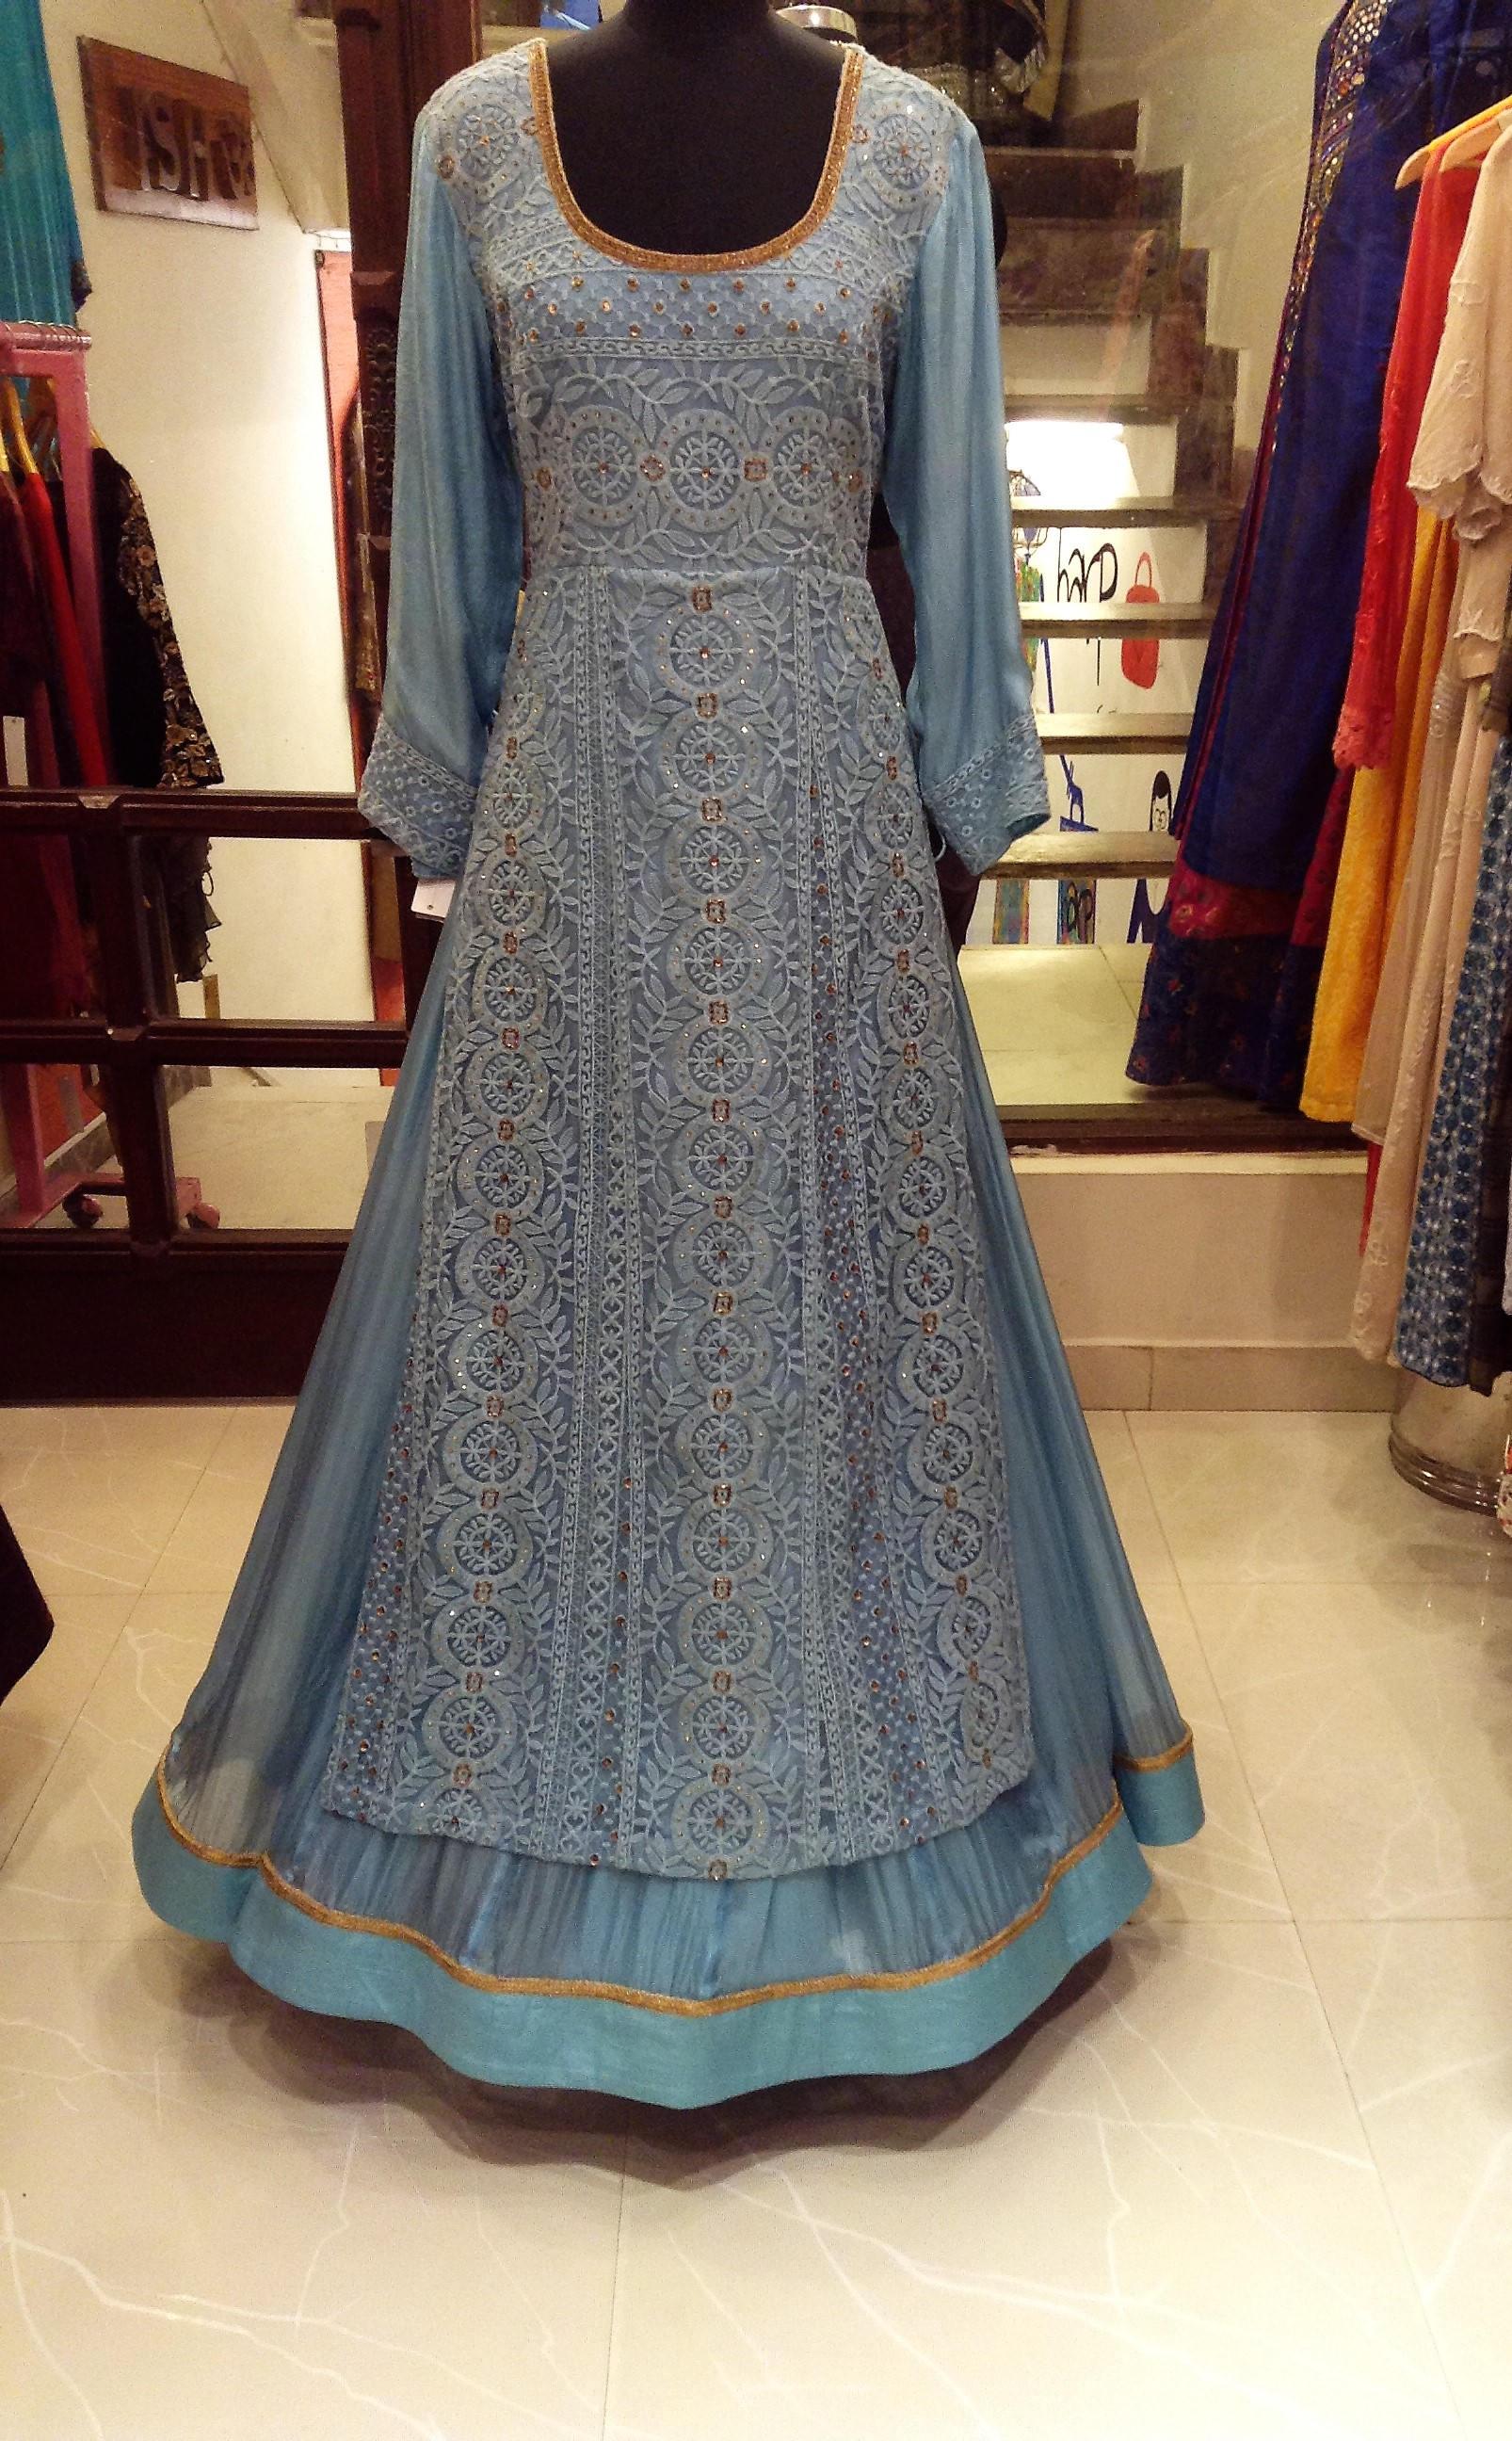 Ausgezeichnet Pakistanisch Kleid Partei Zu Tragen Fotos - Hochzeit ...